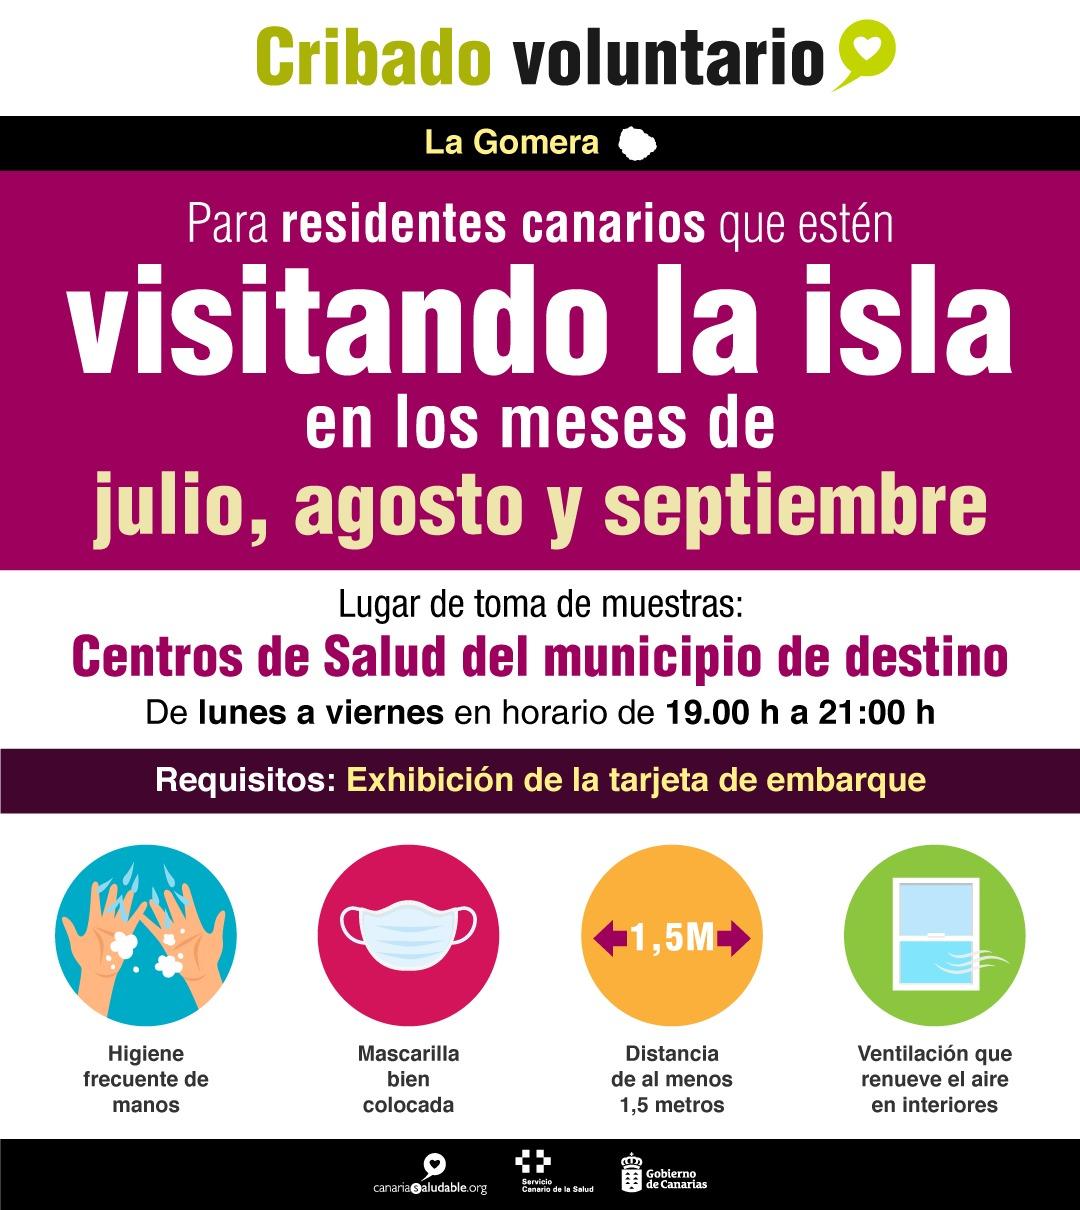 La Gerencia de Servicios Sanitarios de La Gomera inicia un cribado voluntario a residentes canarios